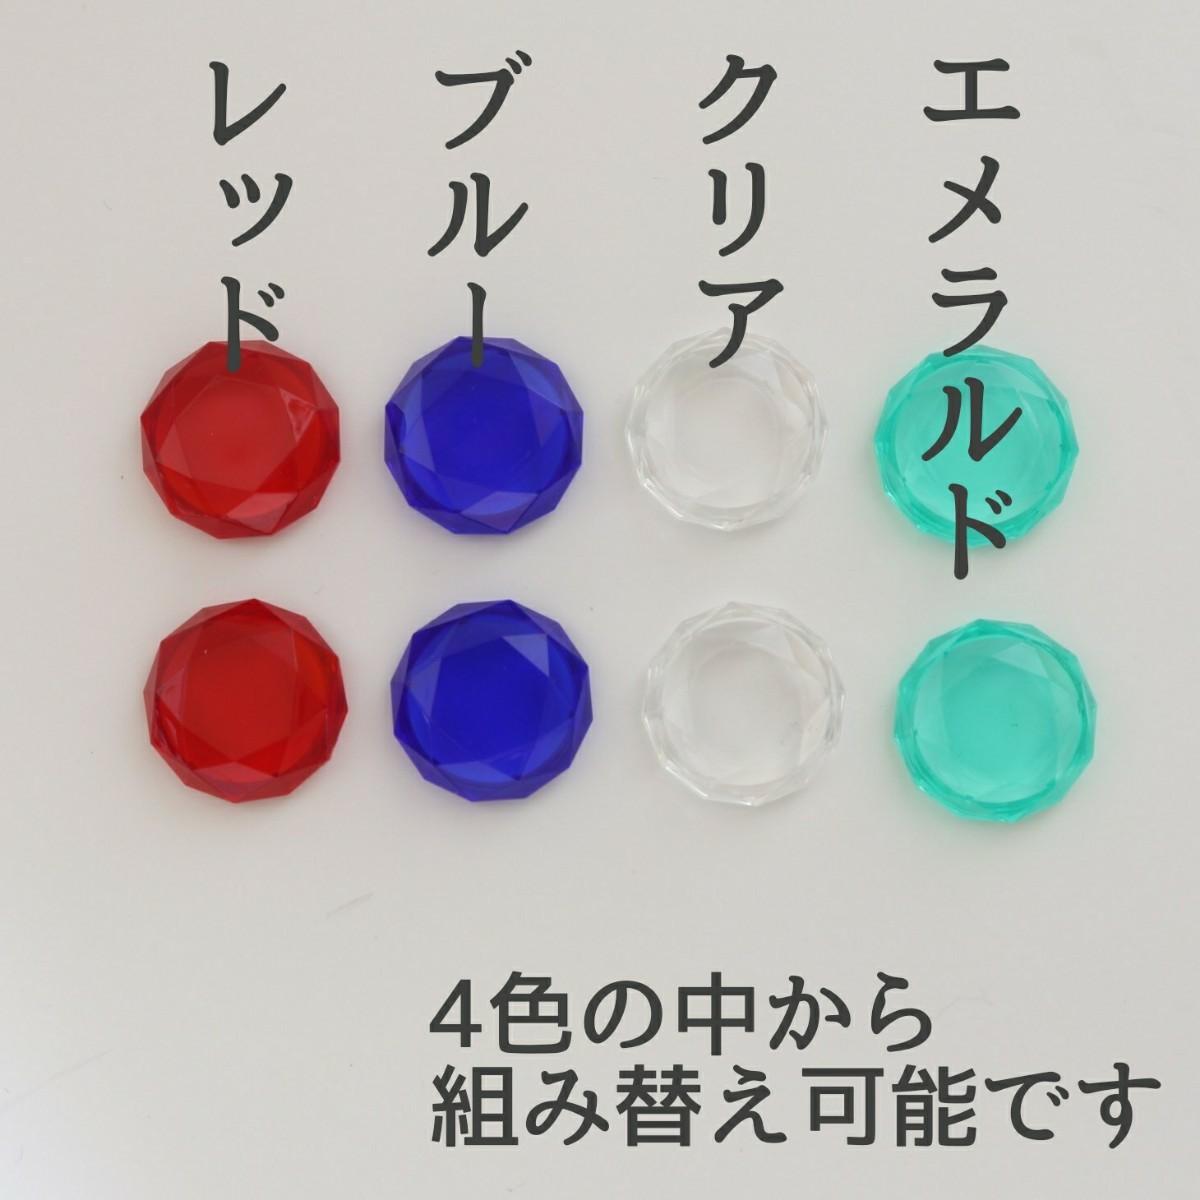 Switchジョイコンjoy-conスティックカバースイッチライト クリスタル